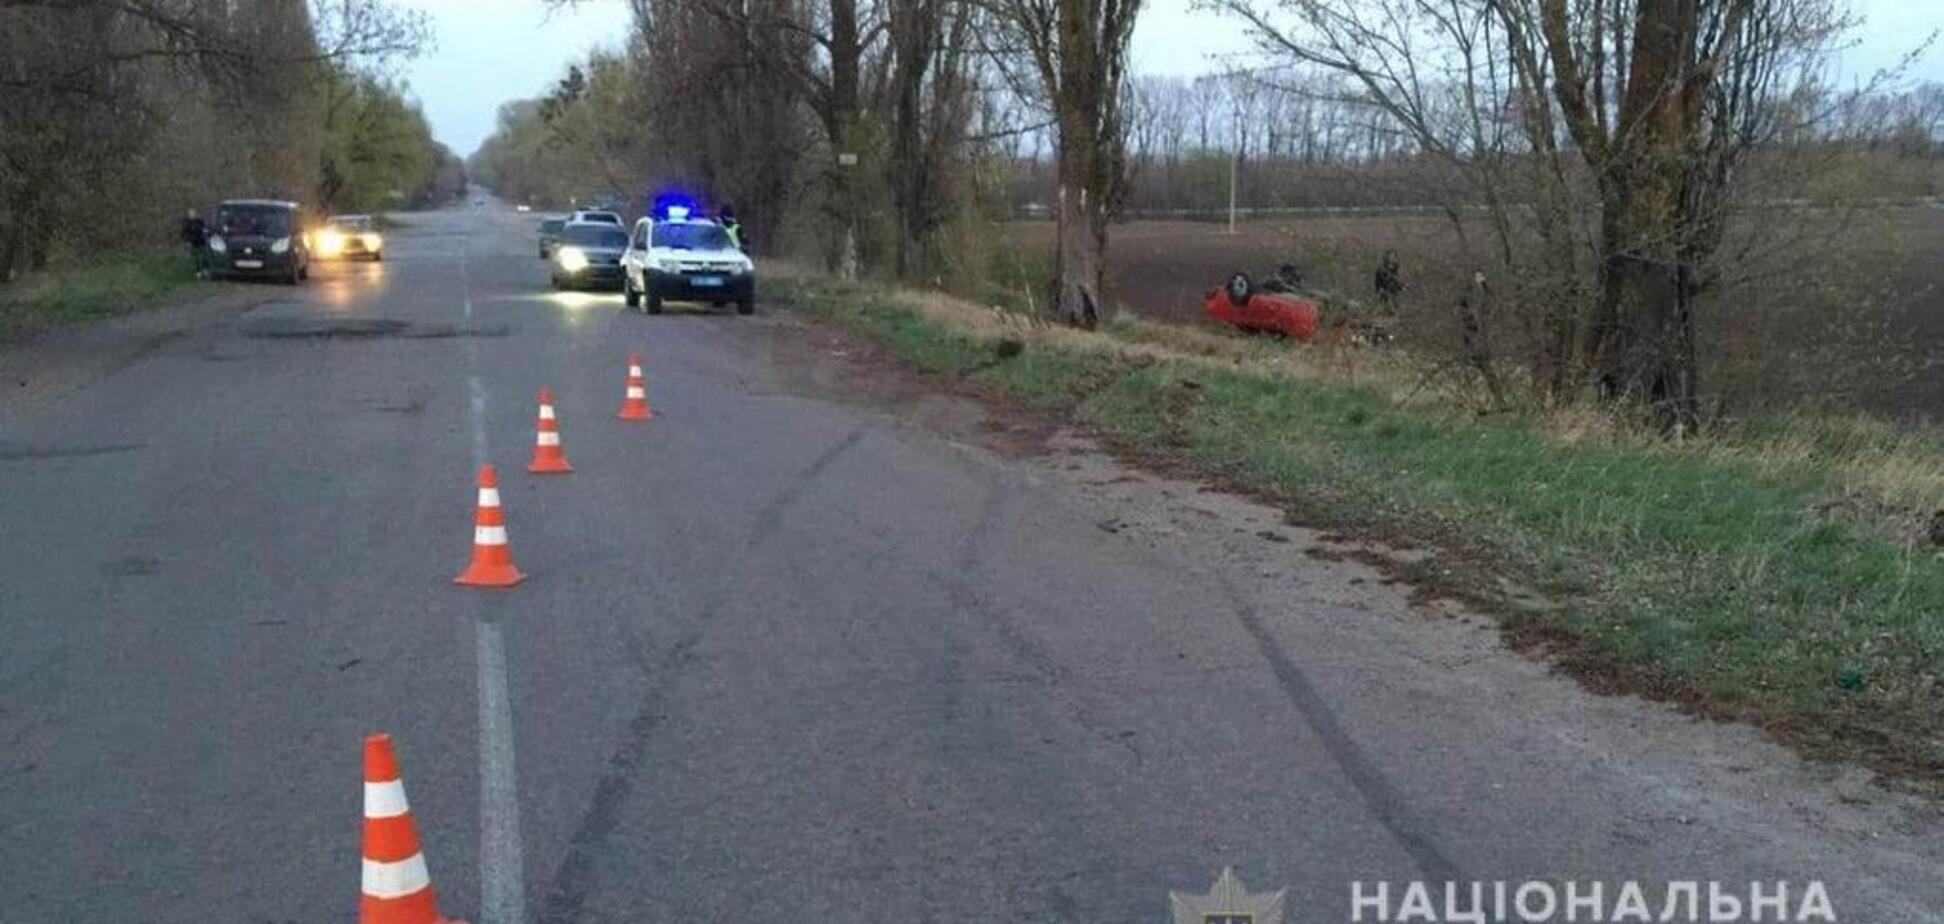 У водителя не было прав: под Киевом в ДТП погибла девушка-подросток